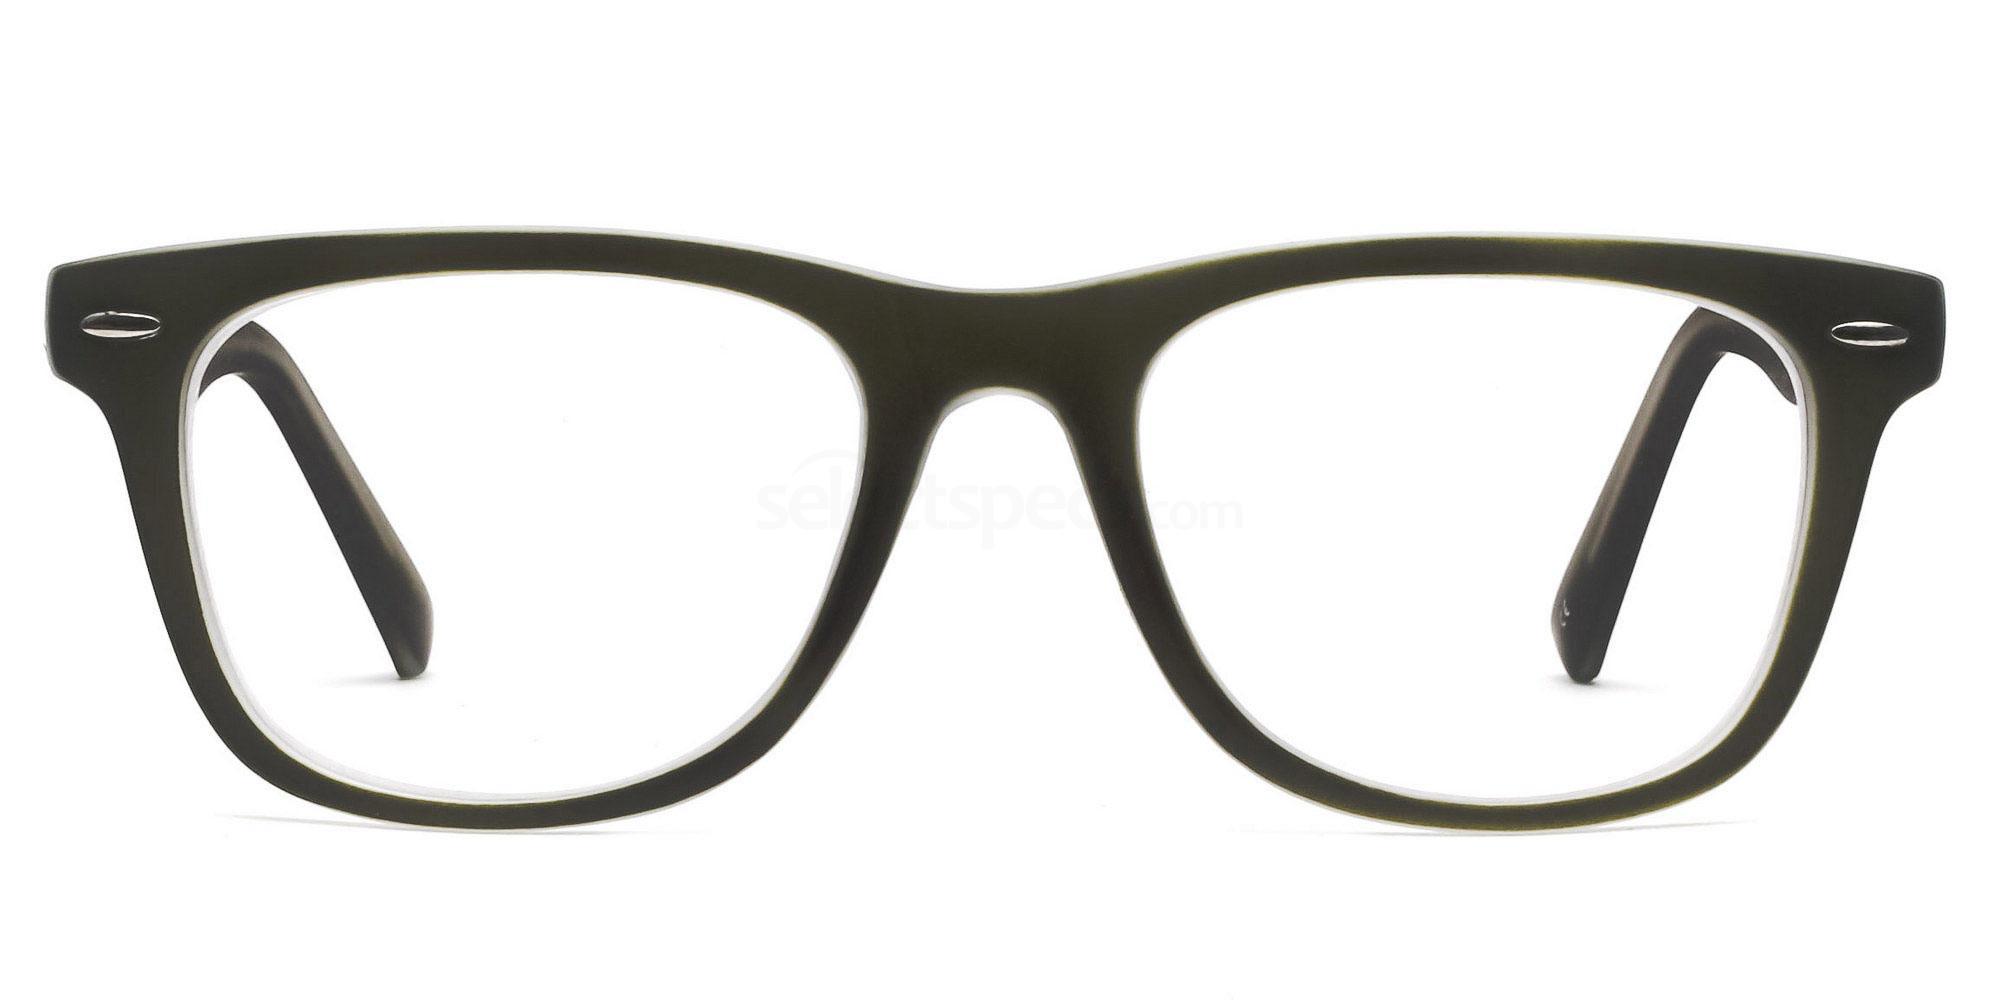 C15 8121 - Combat Green Glasses, Savannah